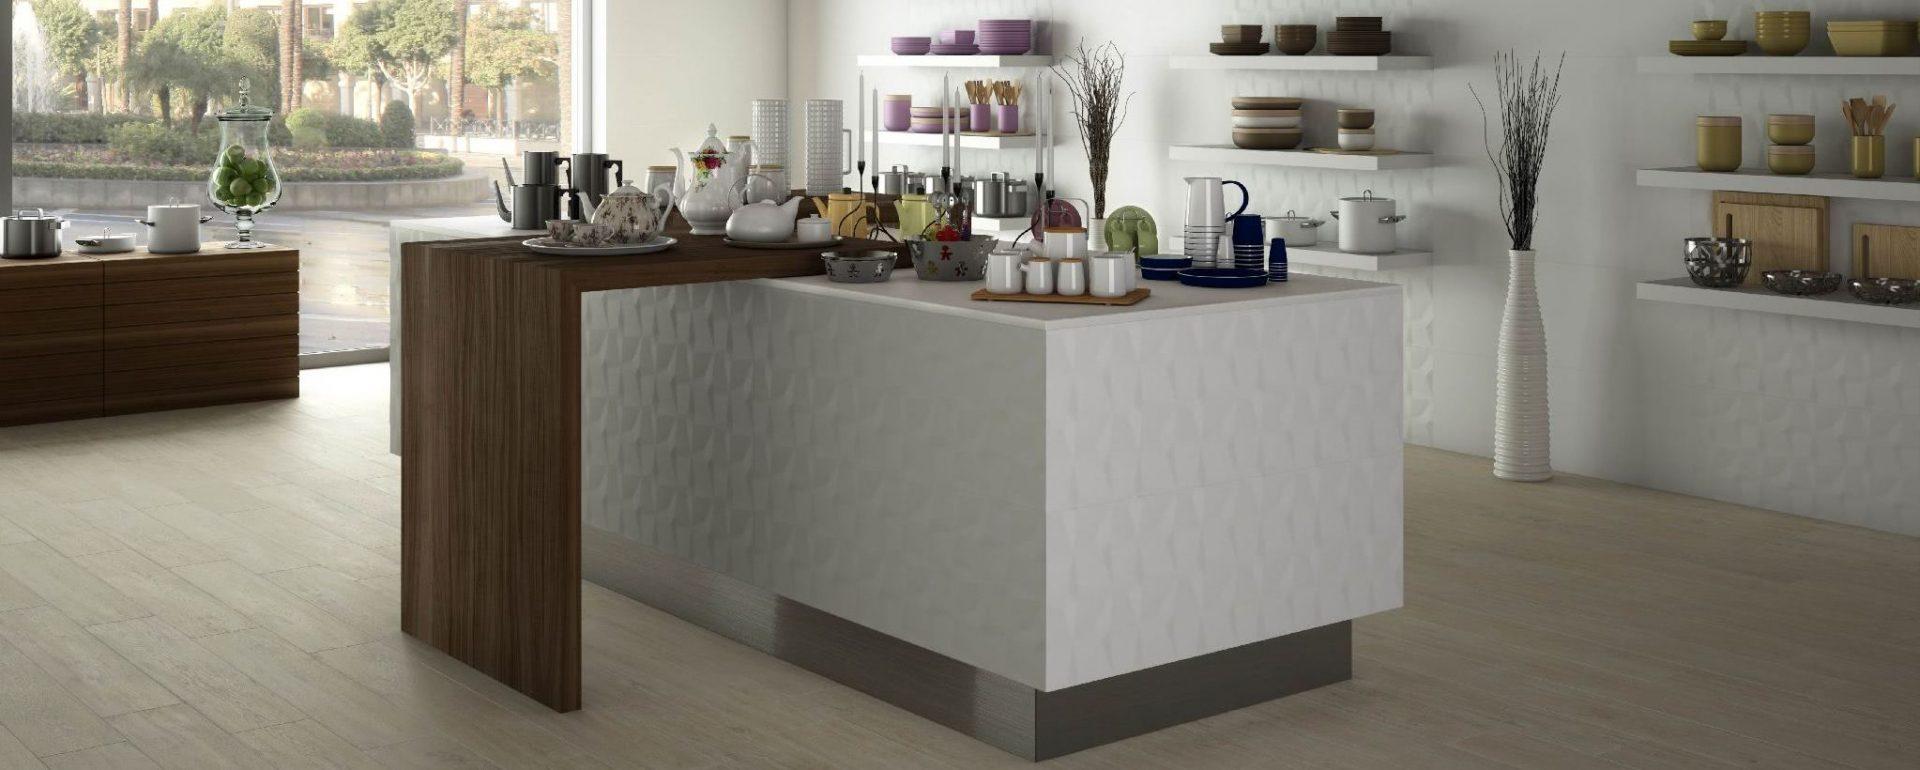 Muebles para el hogar acana interiorismo for Pavimentos para cocinas